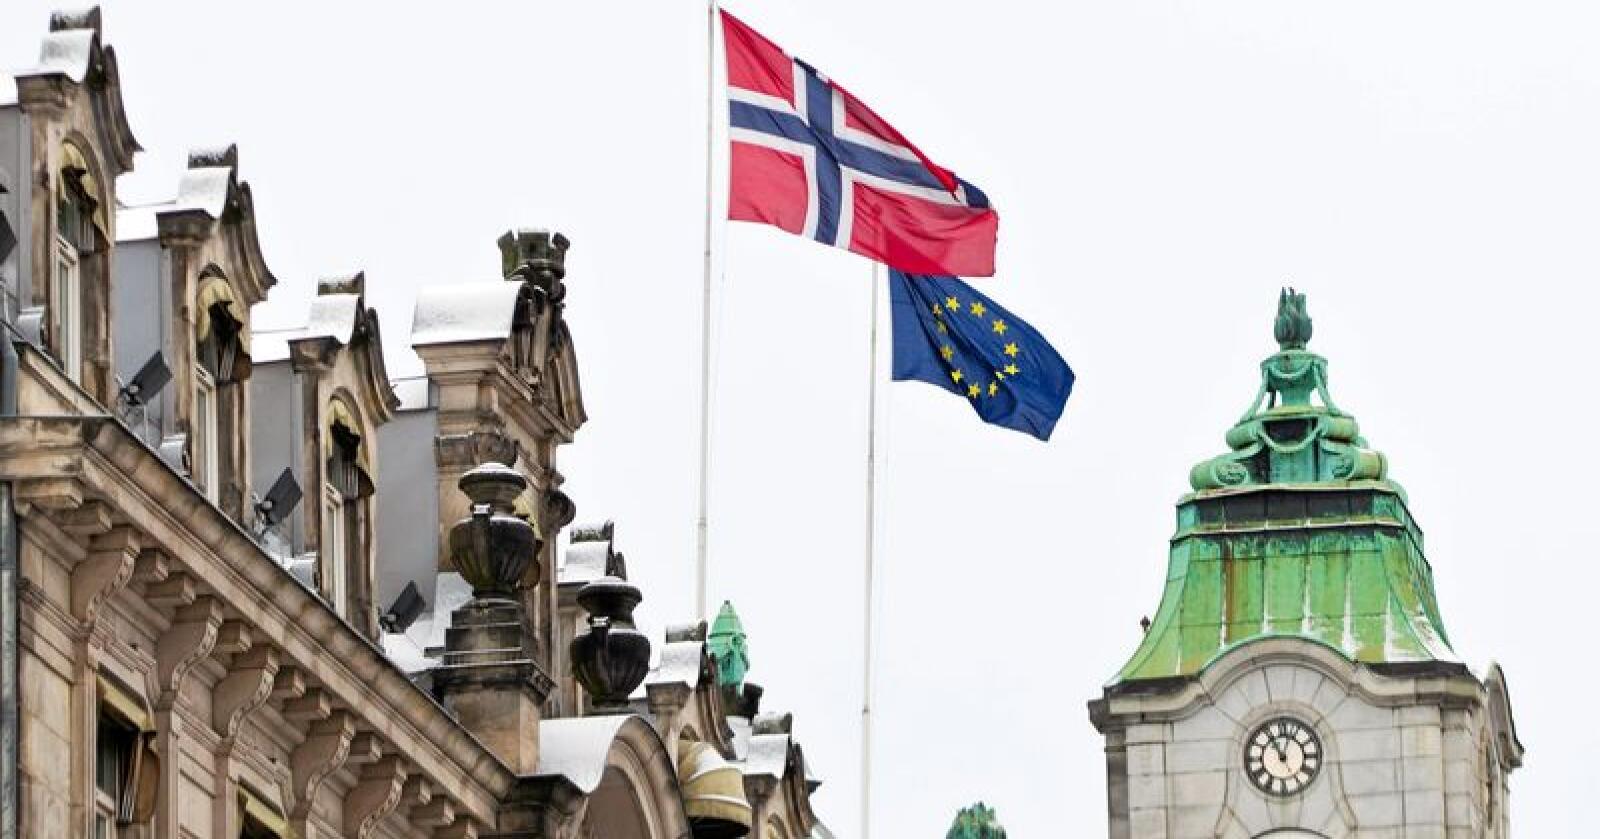 Norge og EU: Norsk selvråderett  forvitrer eller forsterkes i takt med utviklingen i vårt nærmeste fellesskap, det europeiske. Foto: Vegard Grøtt/NTB scanpix